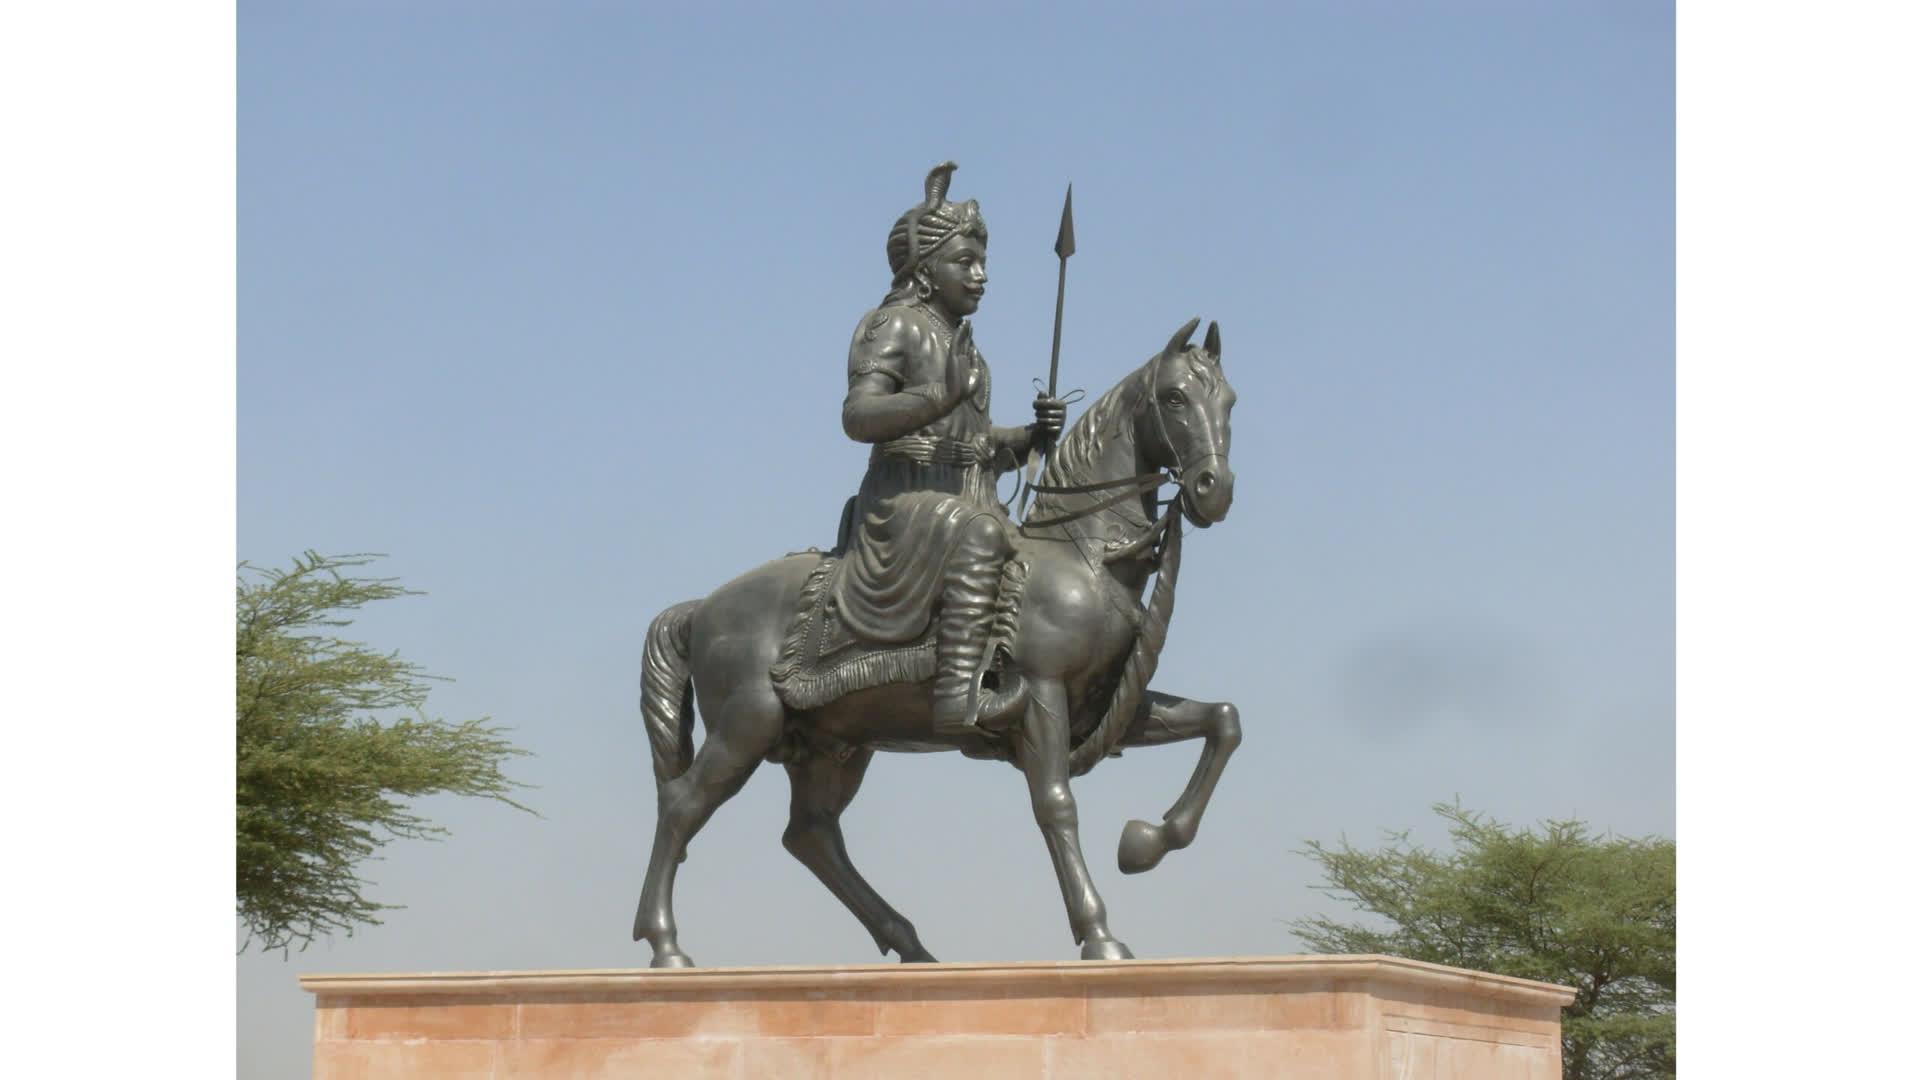 राजस्थान के प्रमुख लोक देवता गोगाजी चौहान